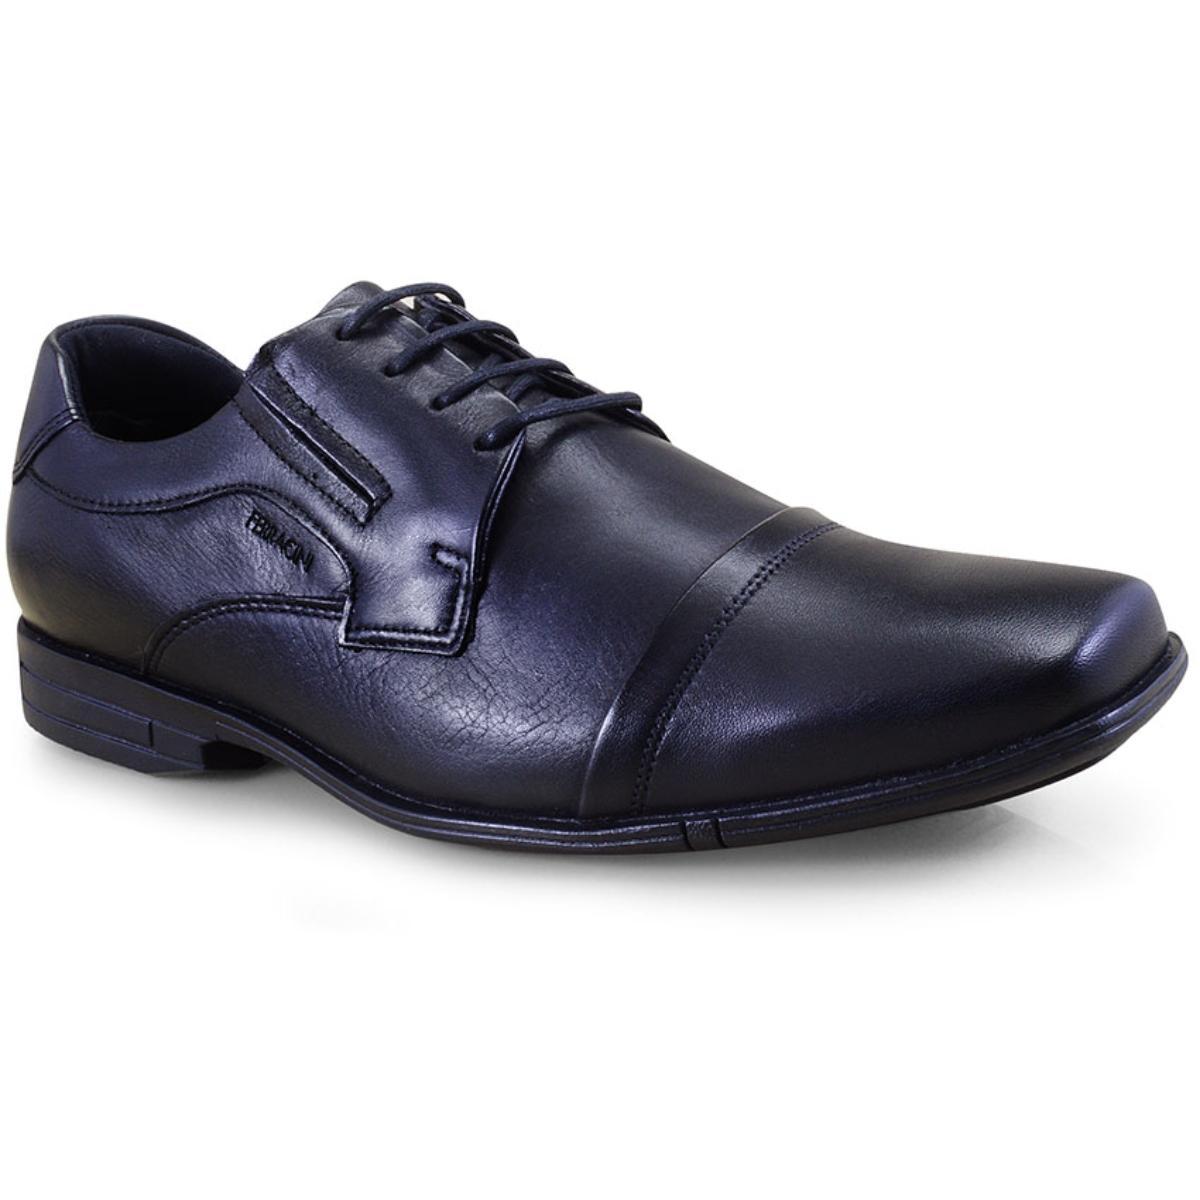 Sapato Masculino Ferracini 3166-220g Preto